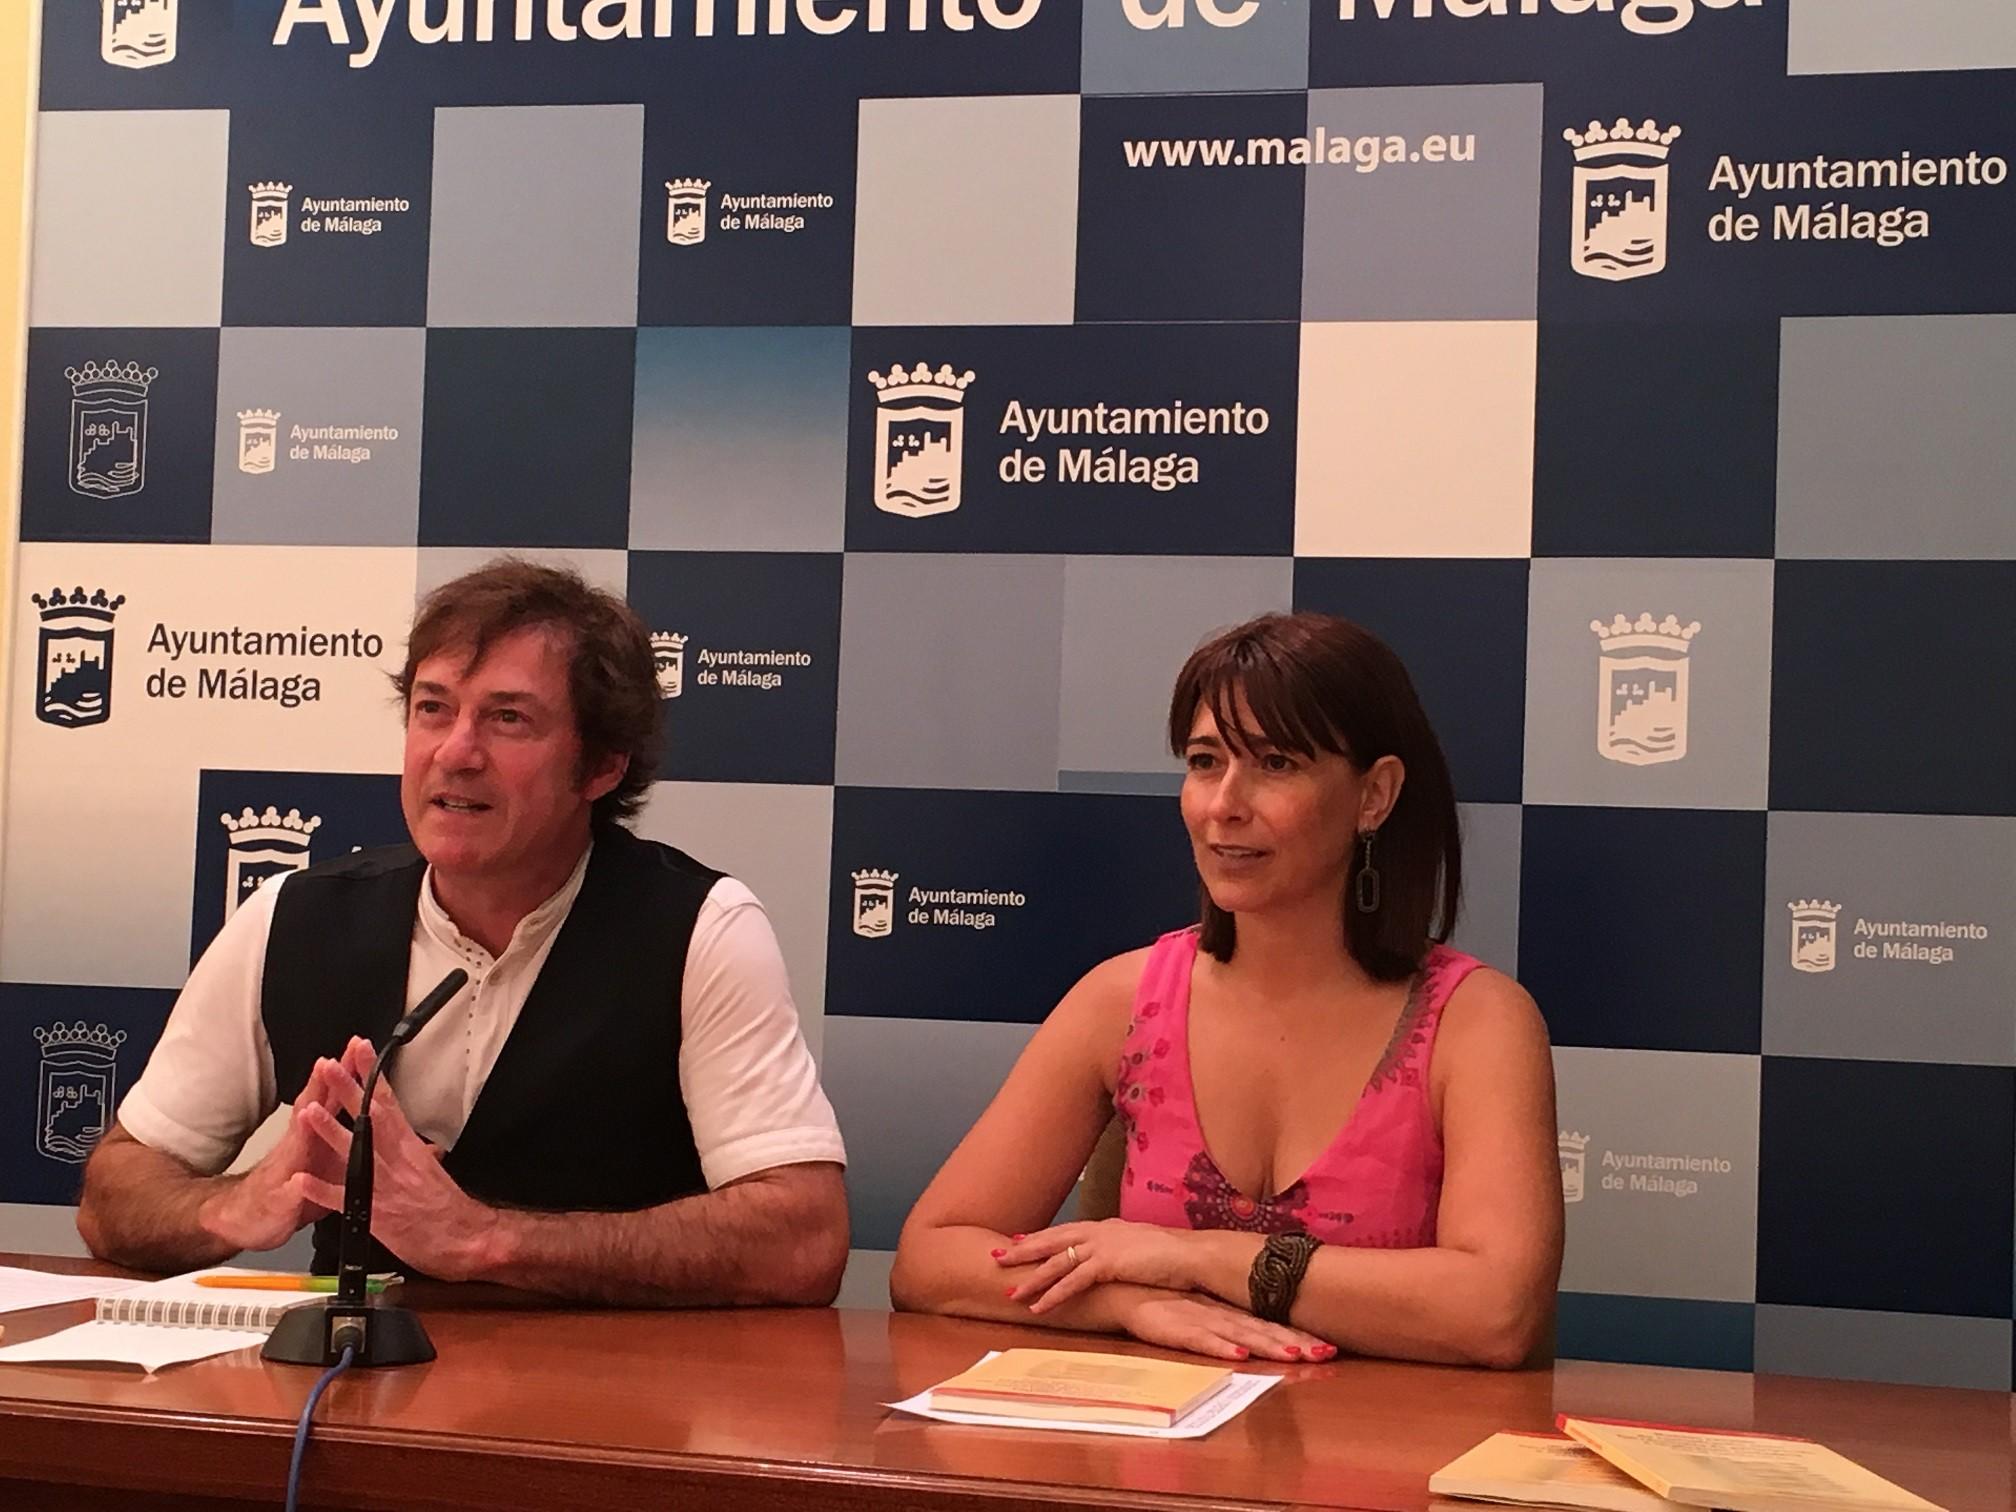 Imagen de la noticia Se presenta en Málaga una guía para potenciar la participación ciudadana incorporando las nuevas tecnologías